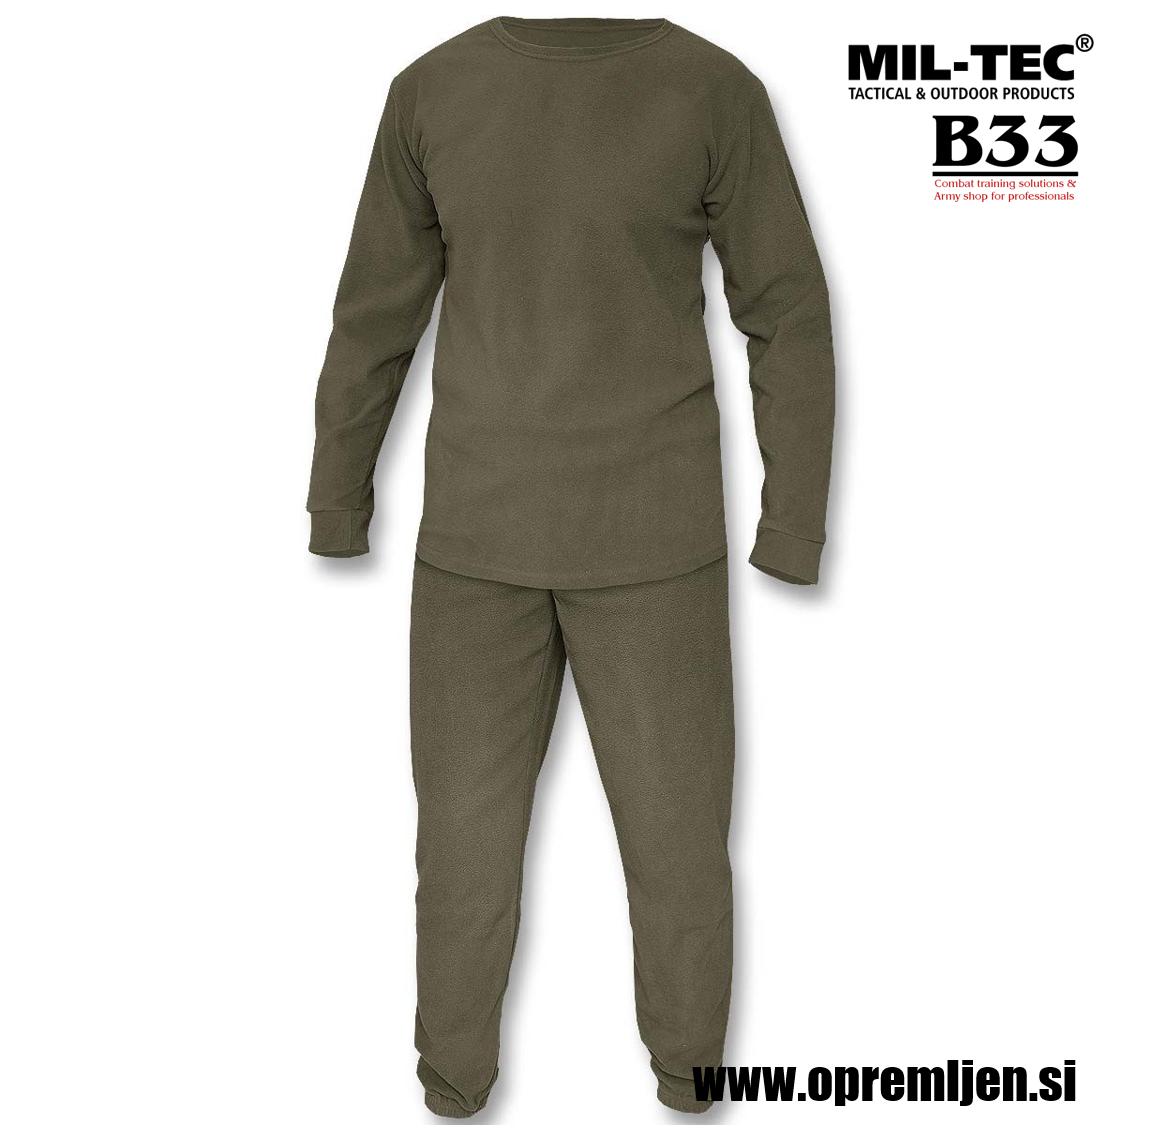 B33 army shop - Podobleka iz termoflisa zgornji in spodnji del, okrogli ovratnik, MILTEC, MIL-TEC by B33 army shop at www.opremljen.si, trgovina z vojaško opremo, vojaška trgovina